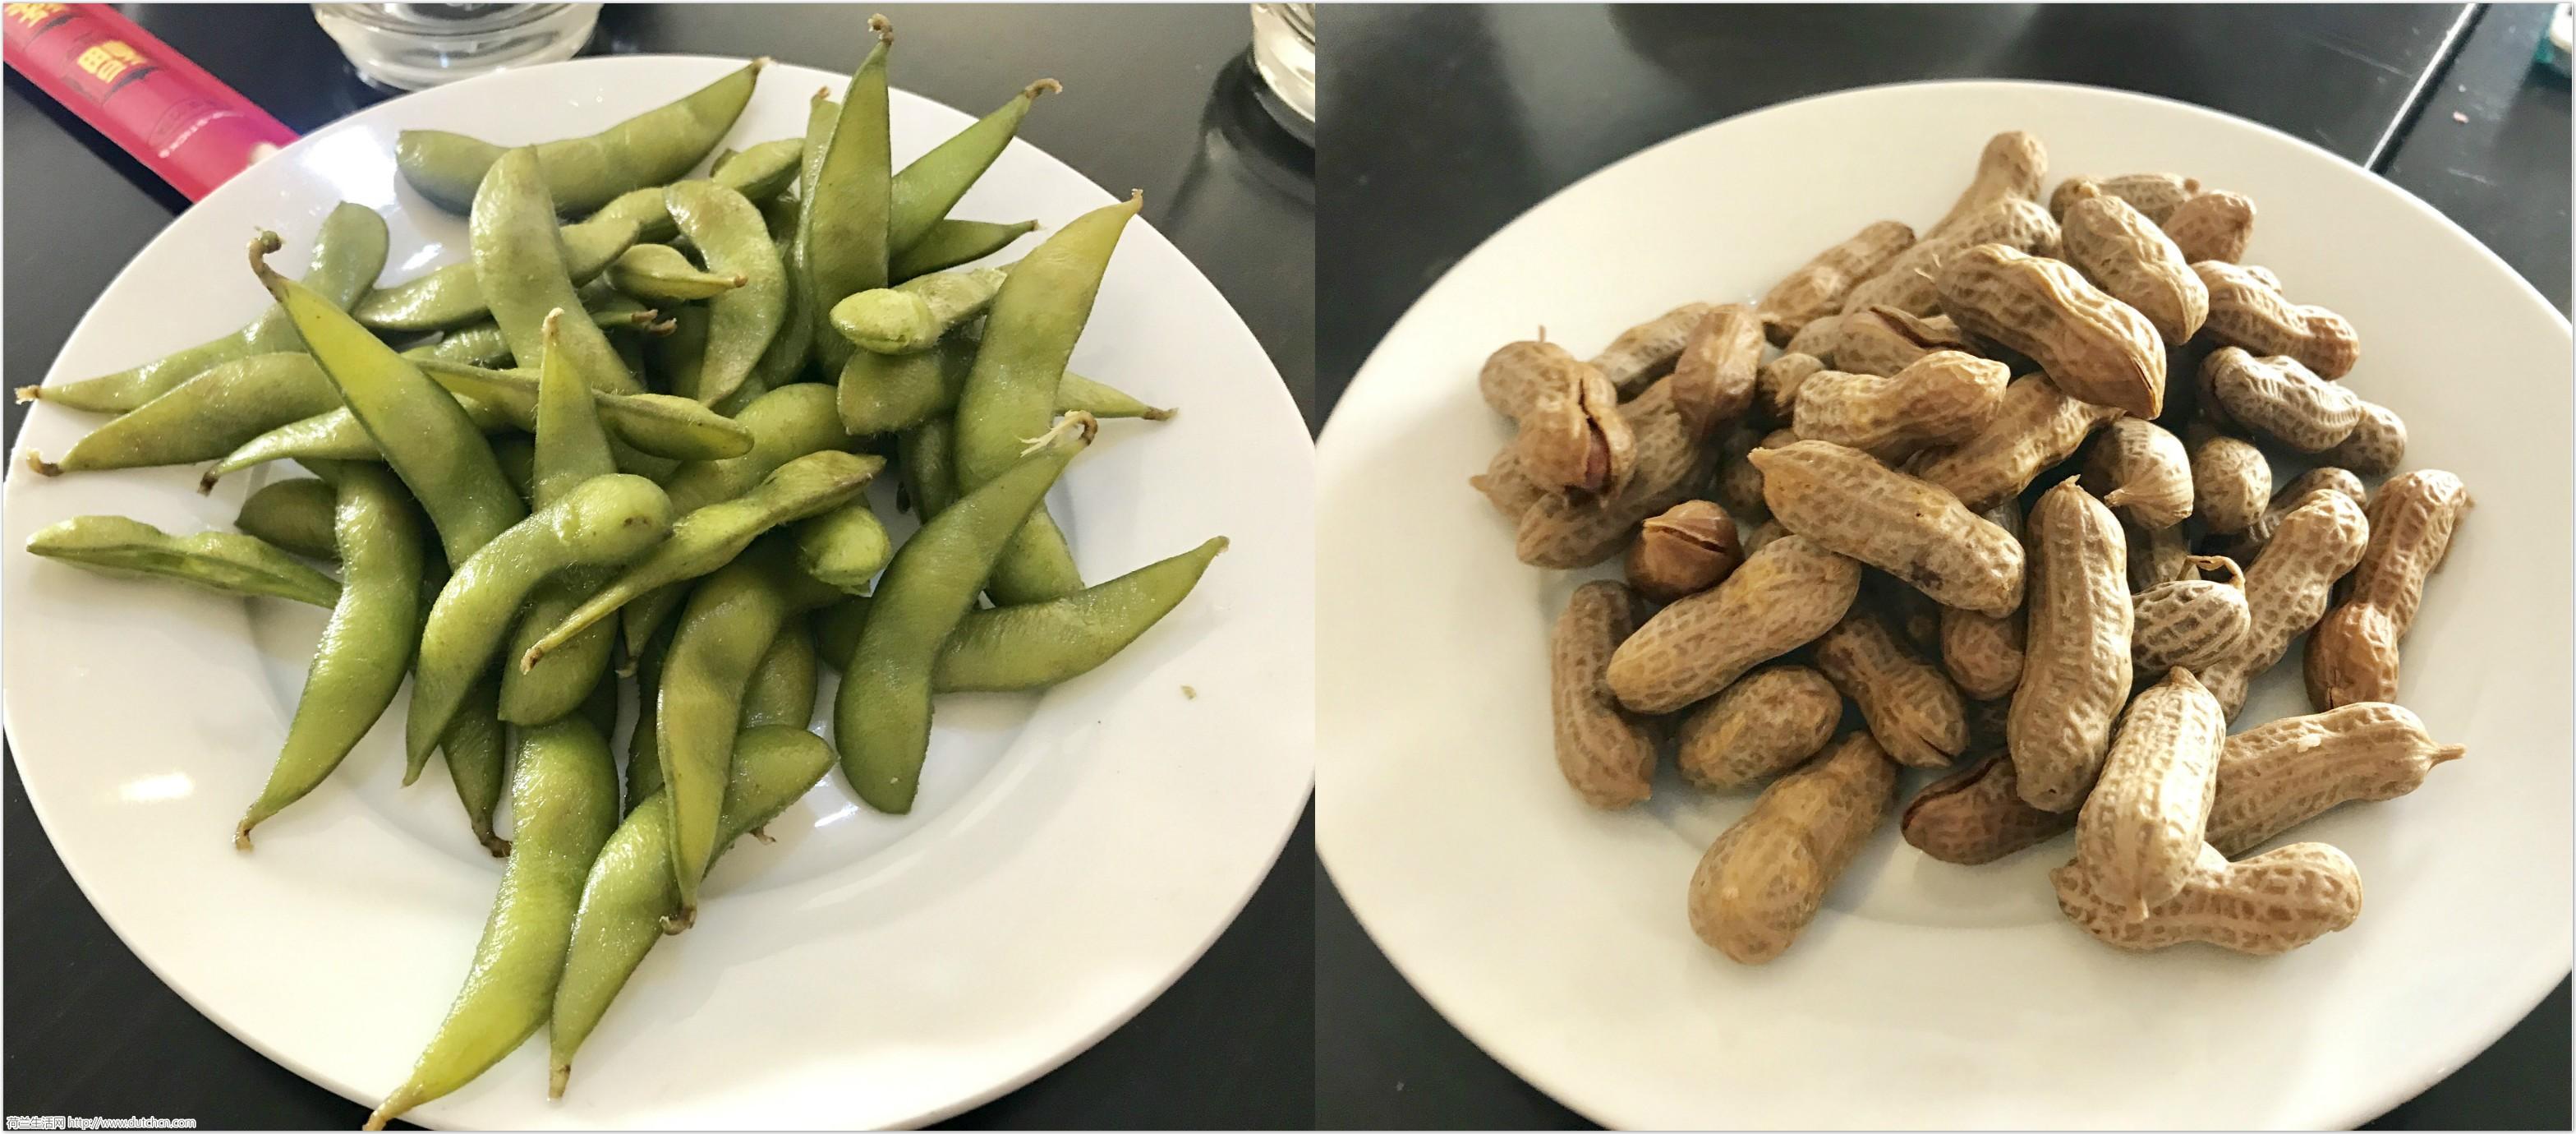 【活动回顾】东北小吃餐厅试吃,品味黑土地孕育的特色美味~